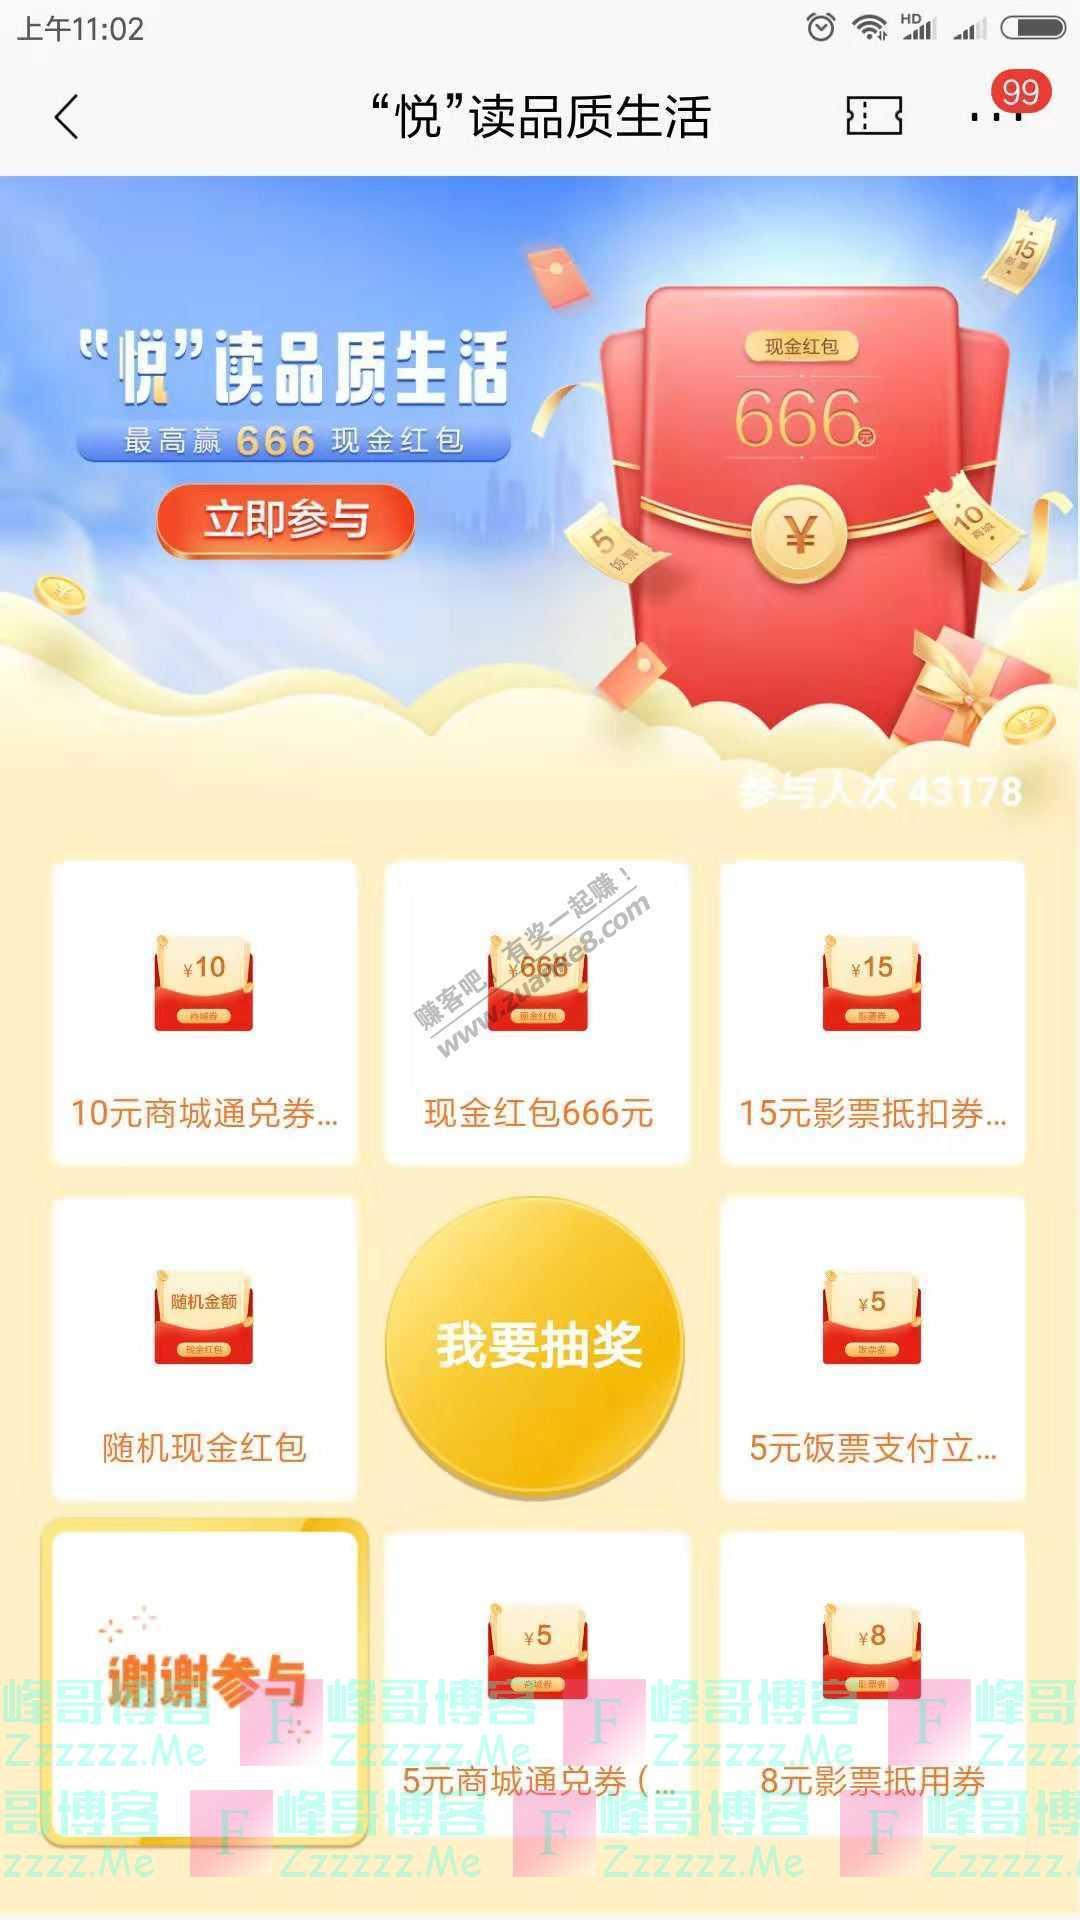 招商银行app悦读品质生活(截止1月31日)